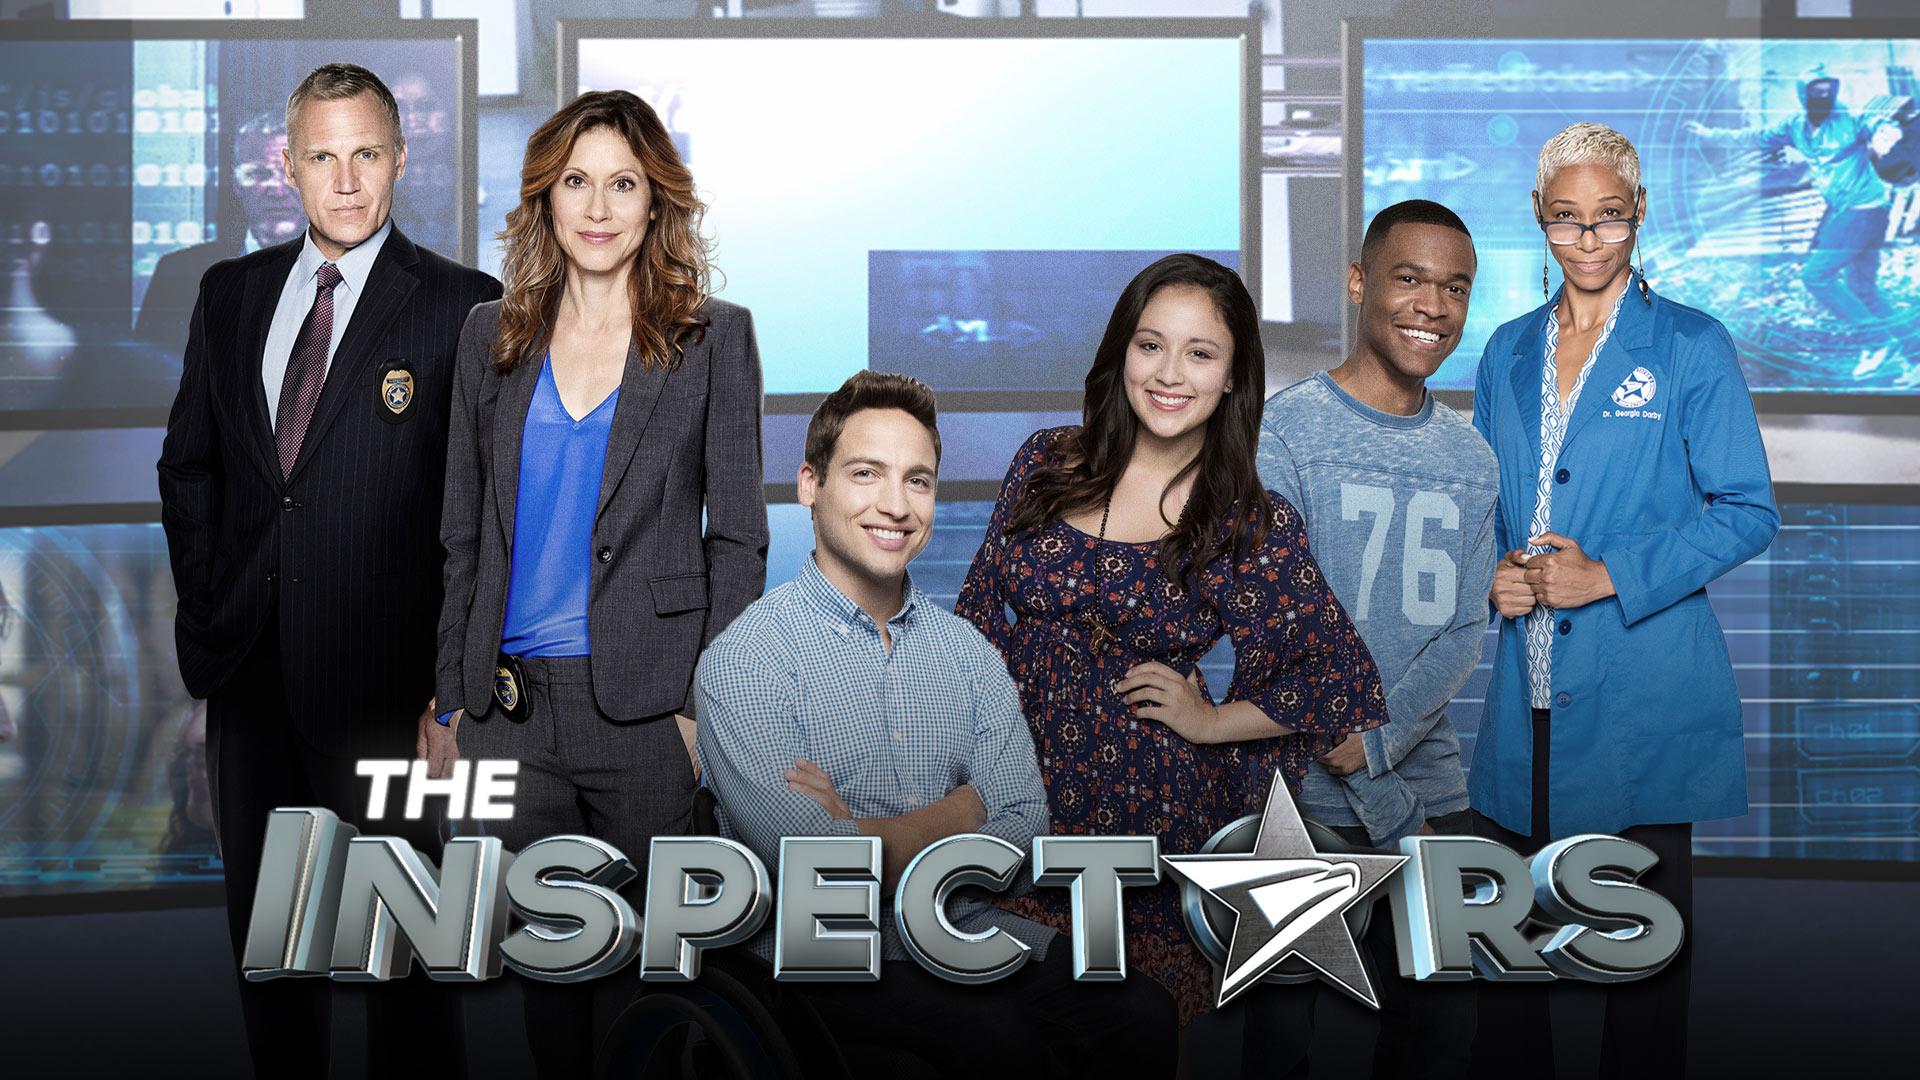 The Inspectors Season 1